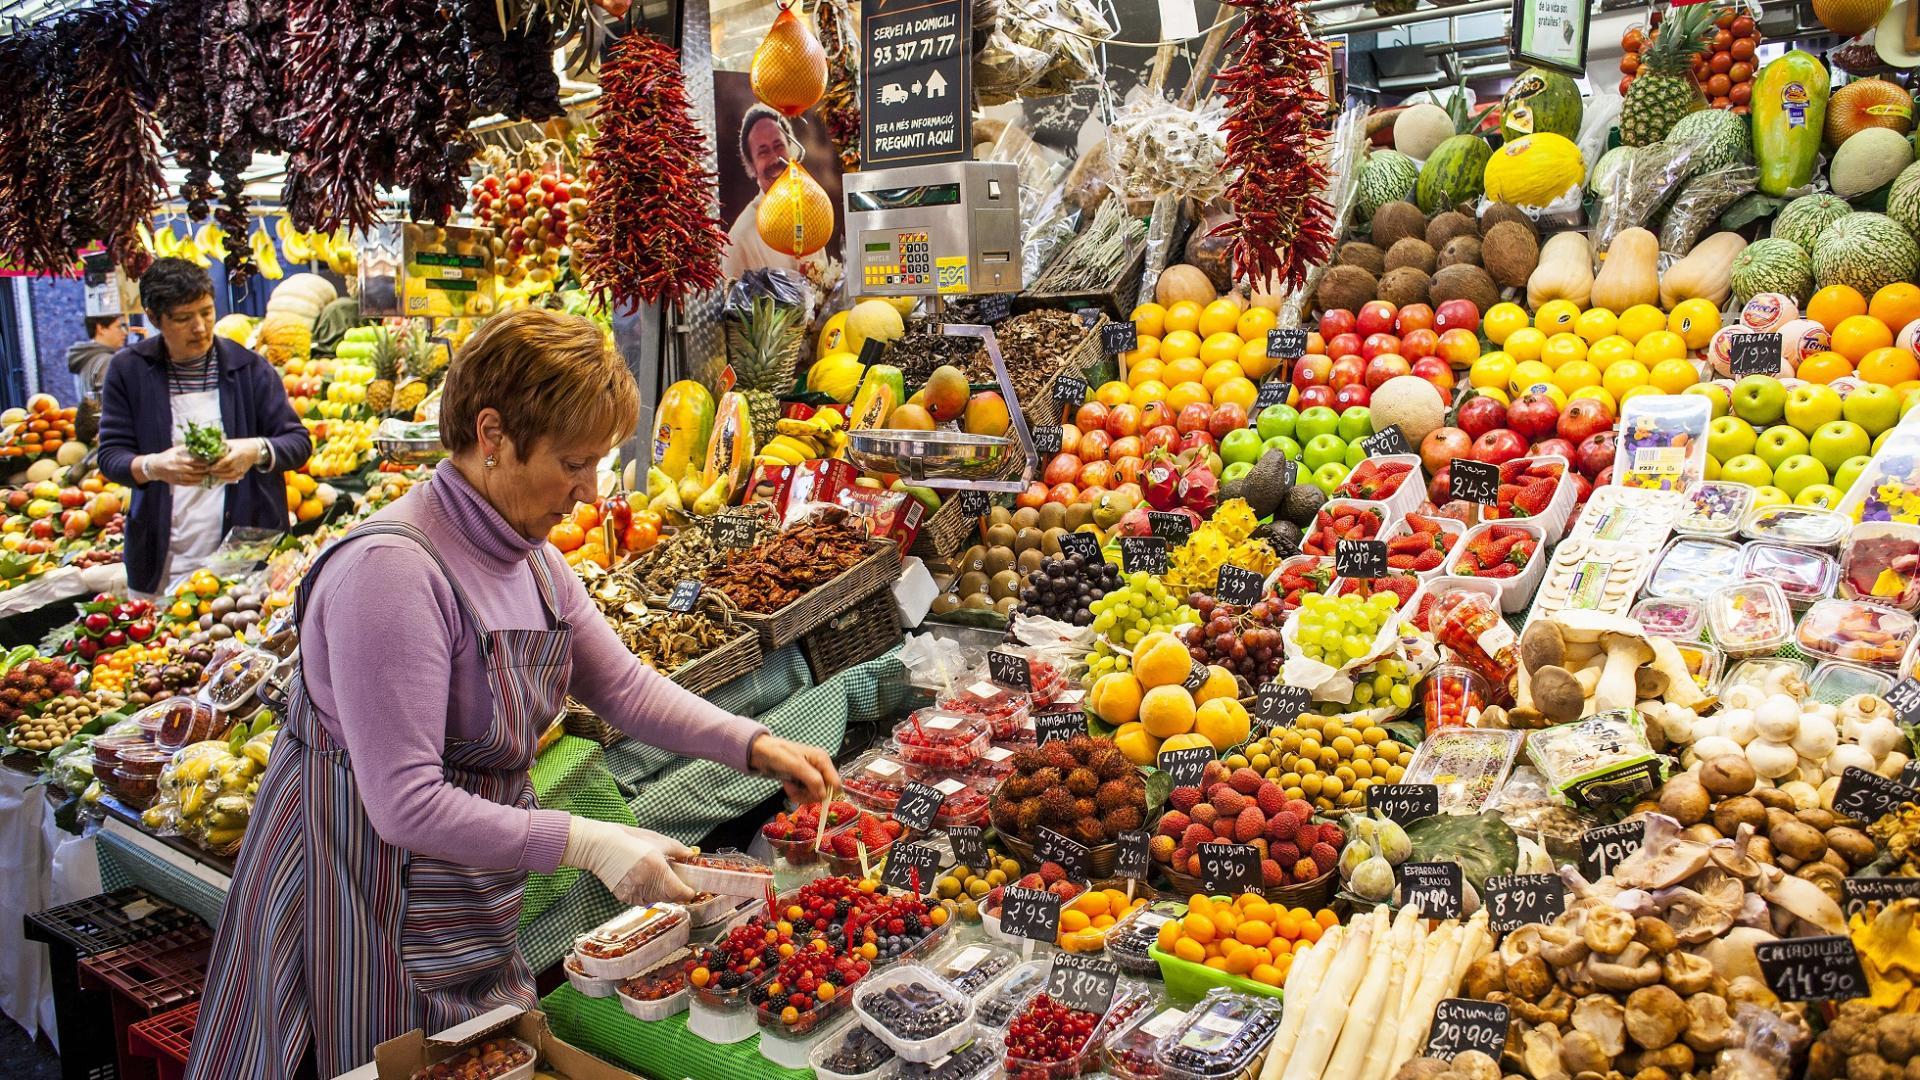 ältere Verkäuferin steht auf dem Wochenmarkt und verkauft Obst & Gemüse